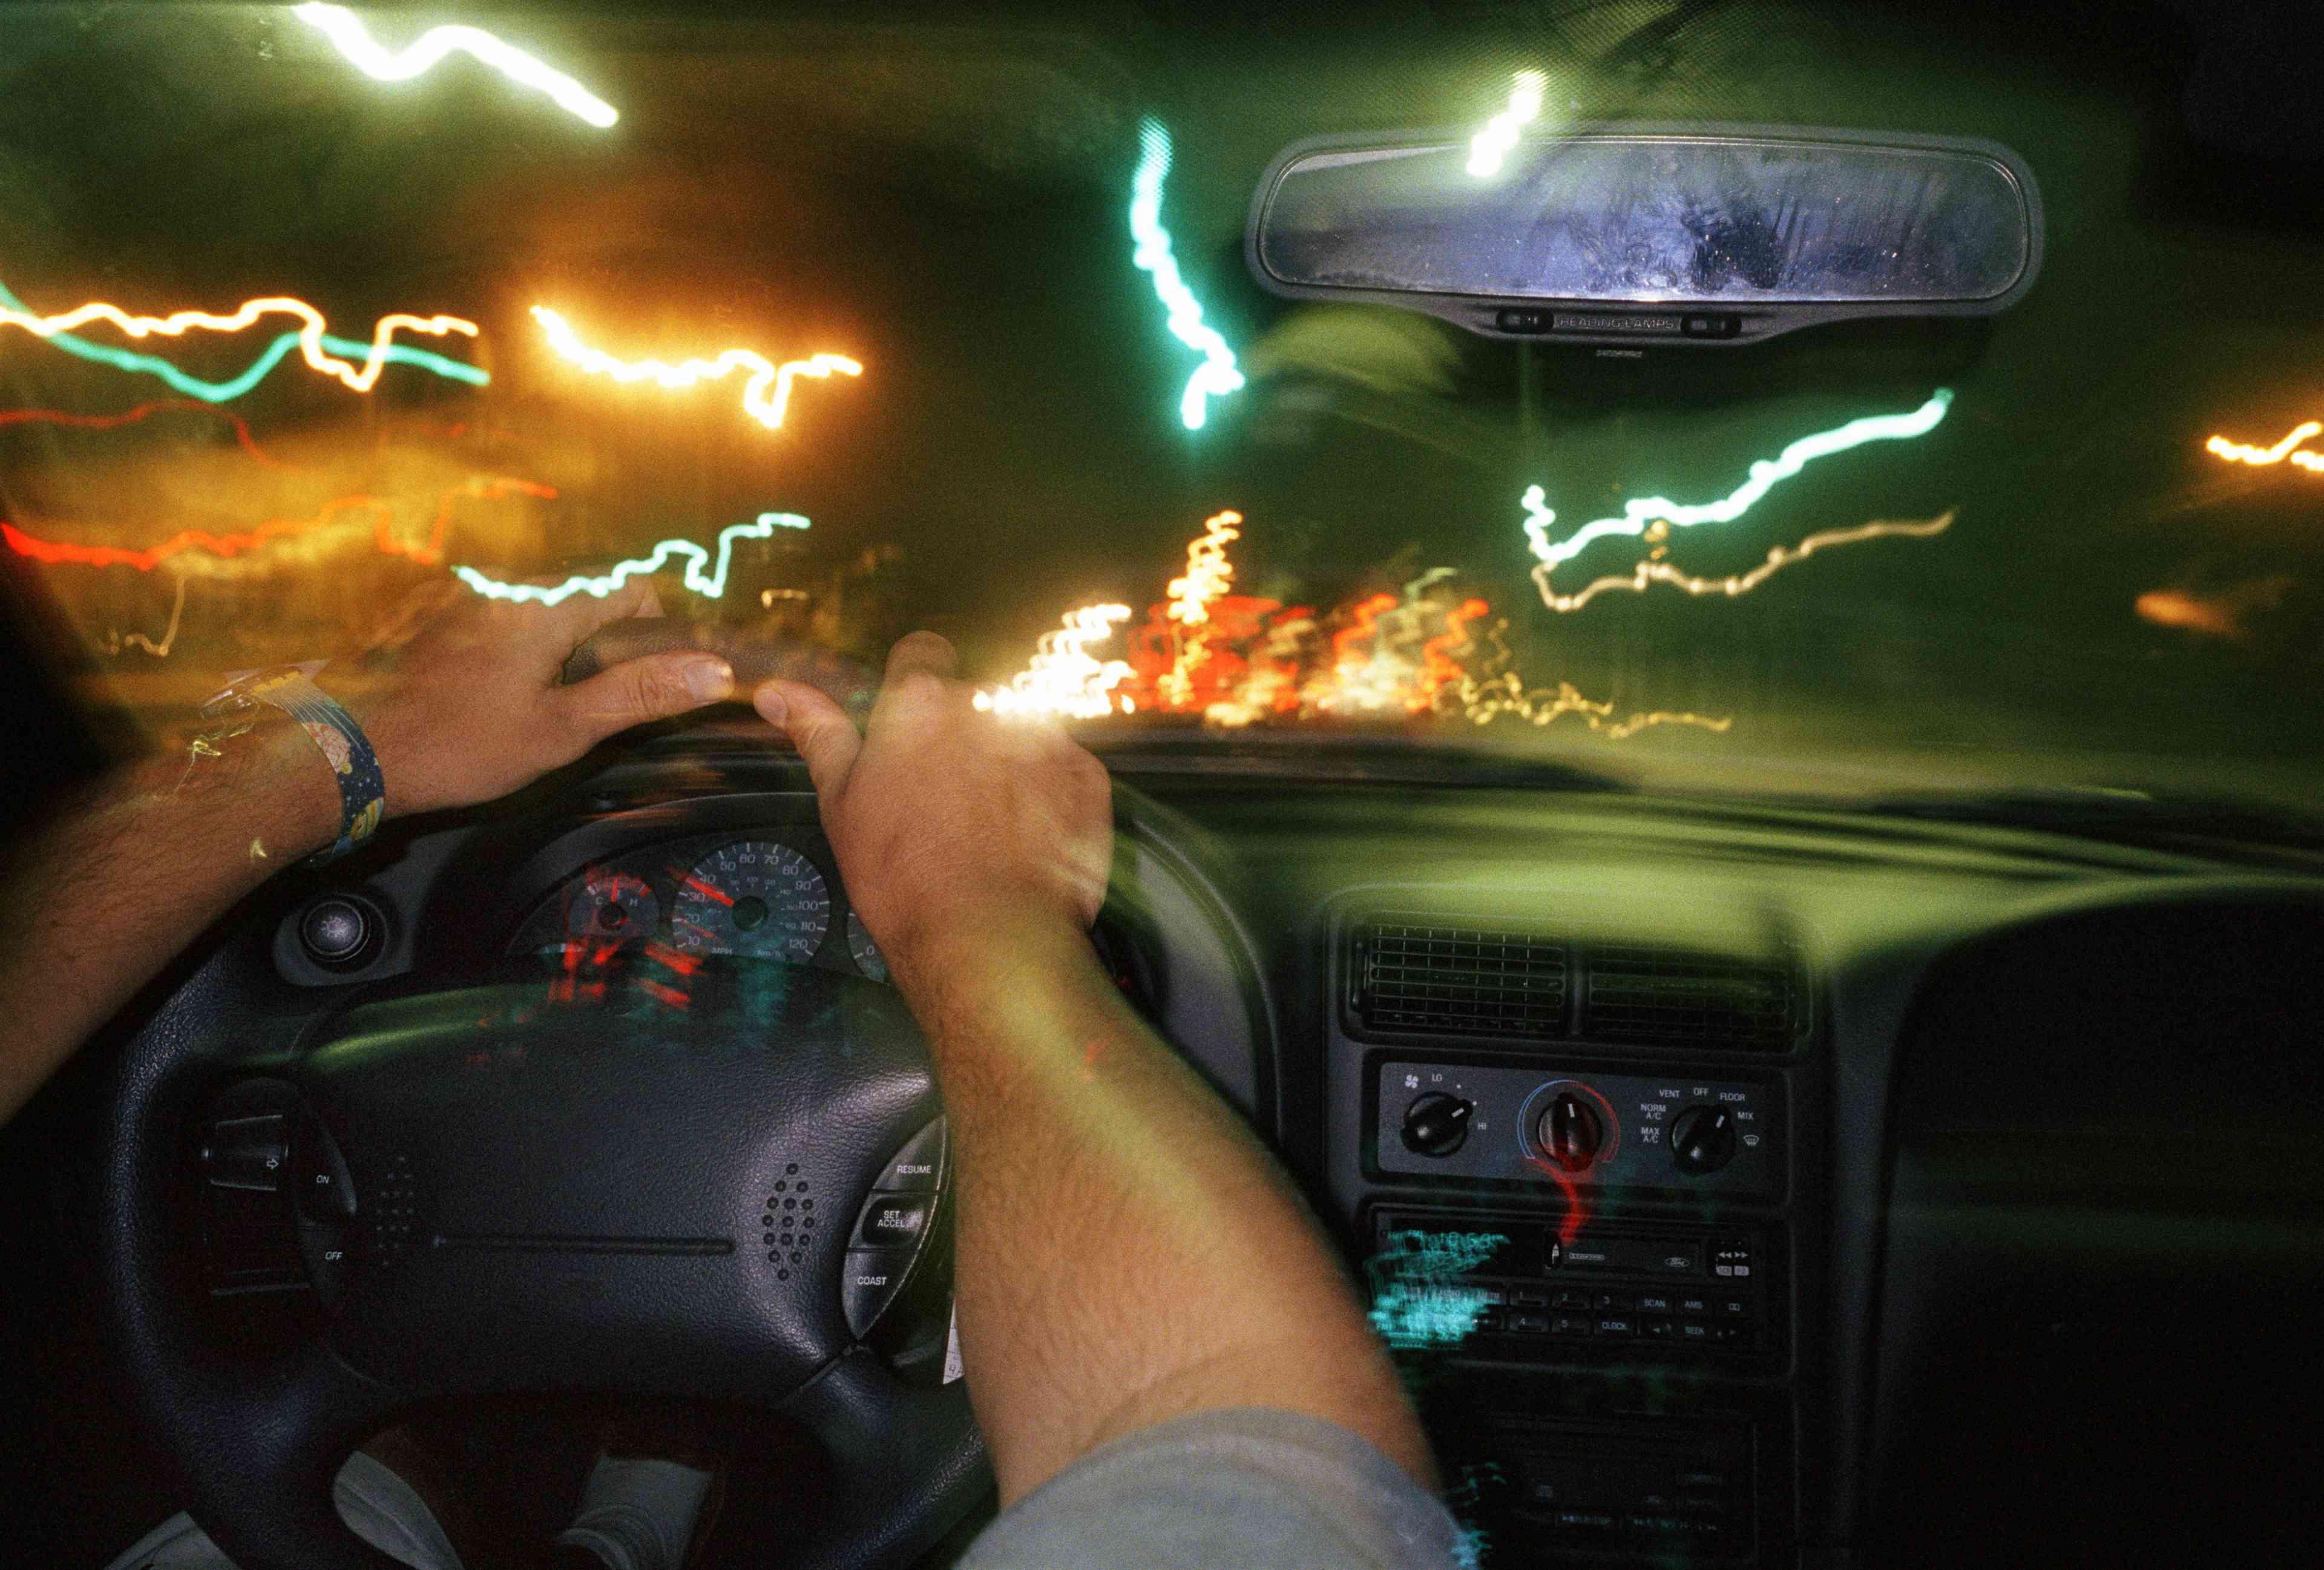 Flickering lights in a car.